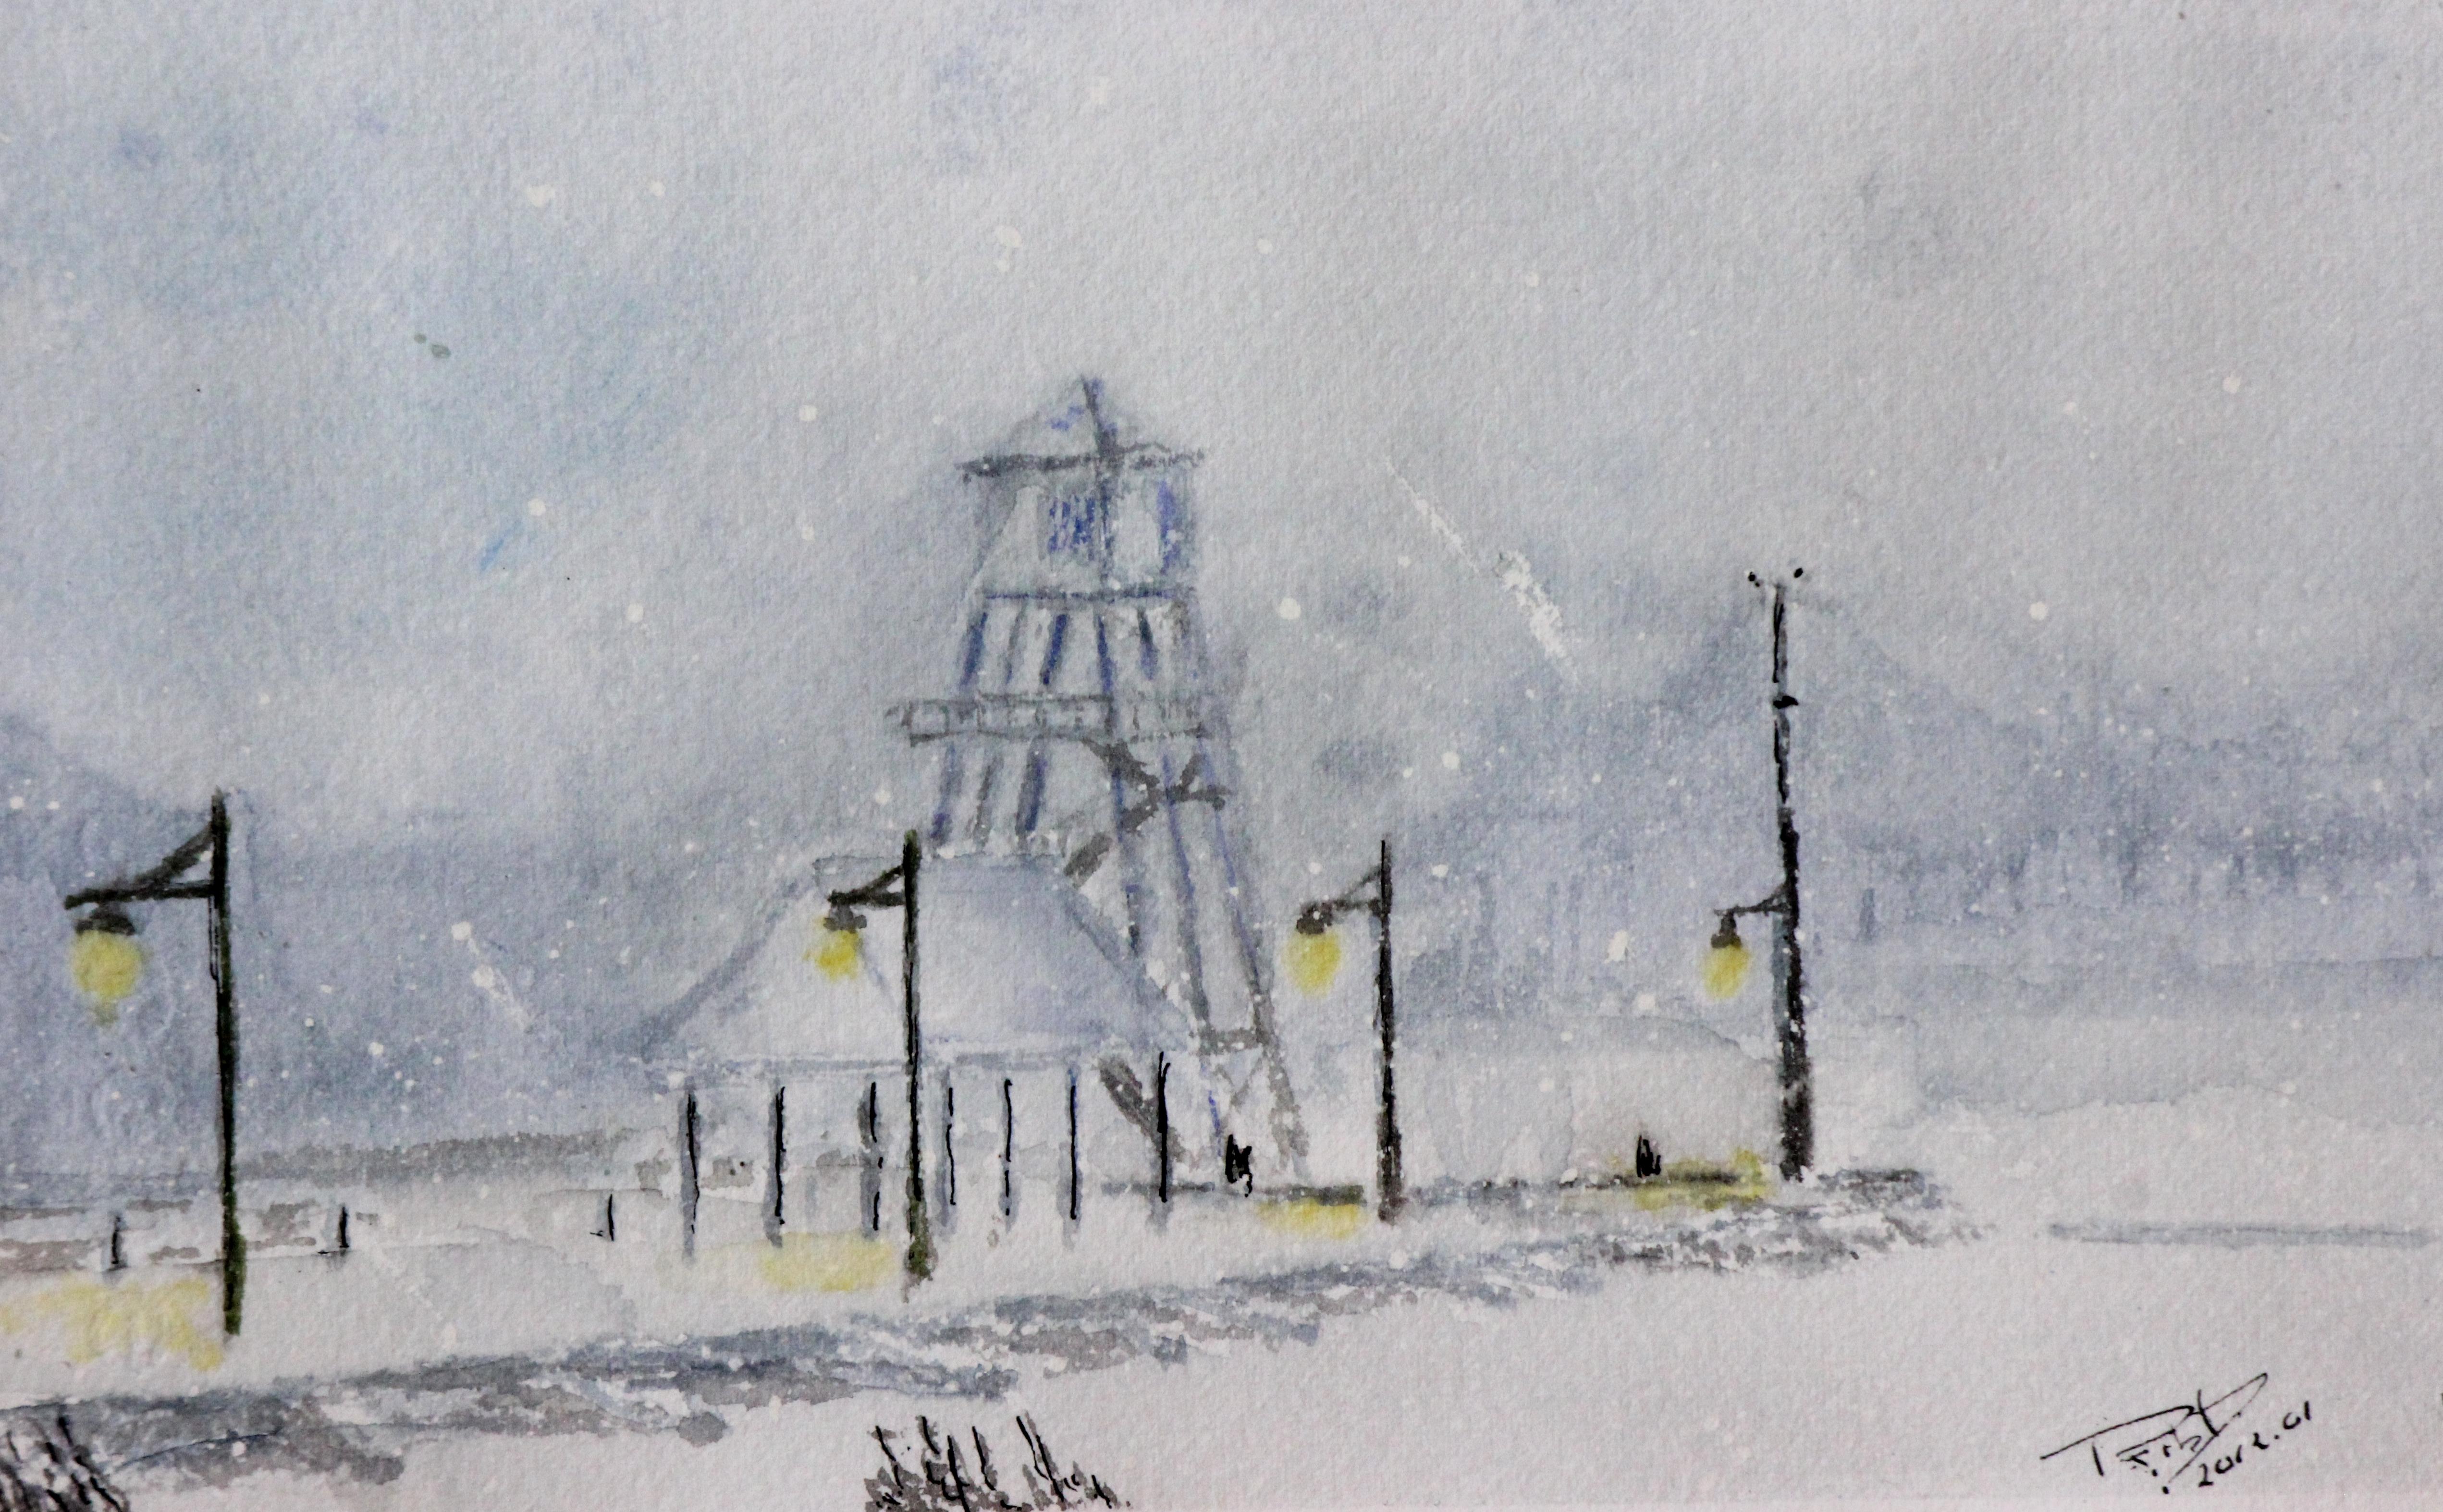 Poudrerie sur la tour (2013)